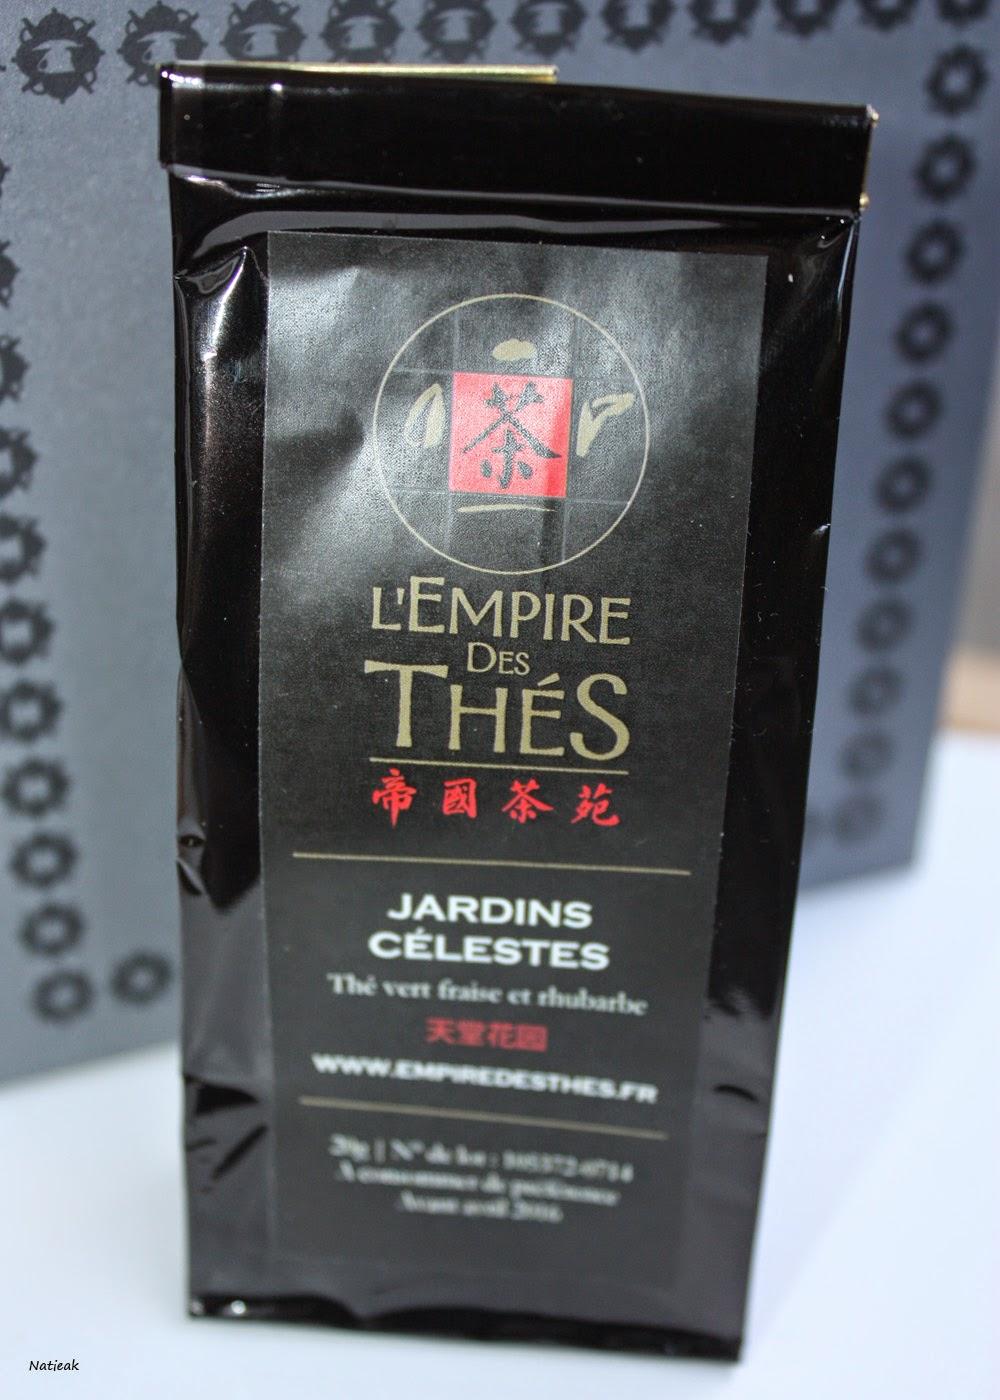 Jardin célestes de l'Empire des thés